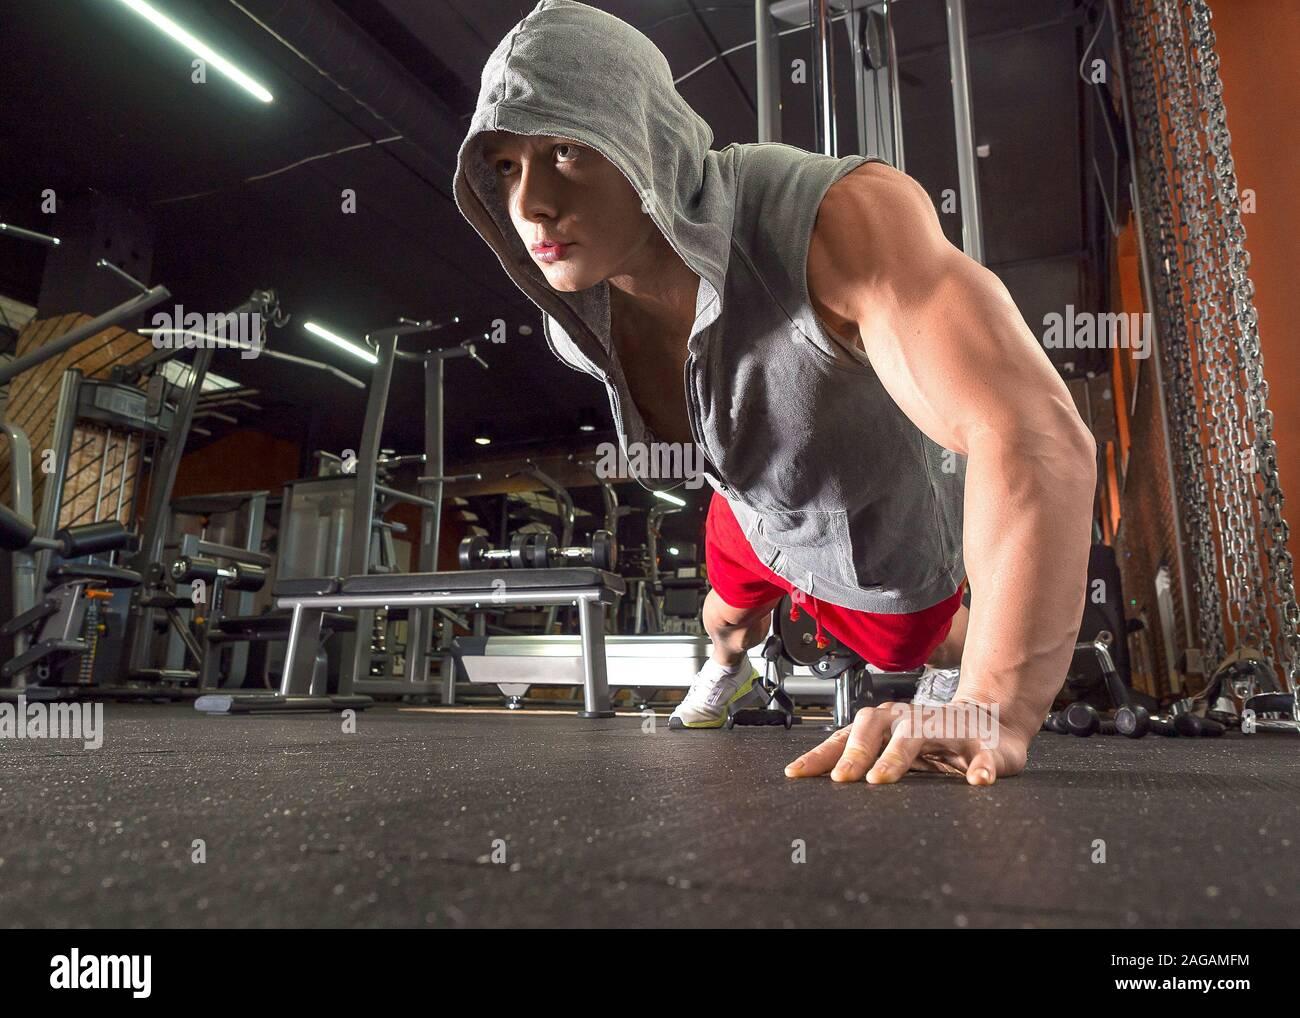 Young man doing push ups exercice avec une part dans la salle de remise en forme. Concept de vie saine Banque D'Images